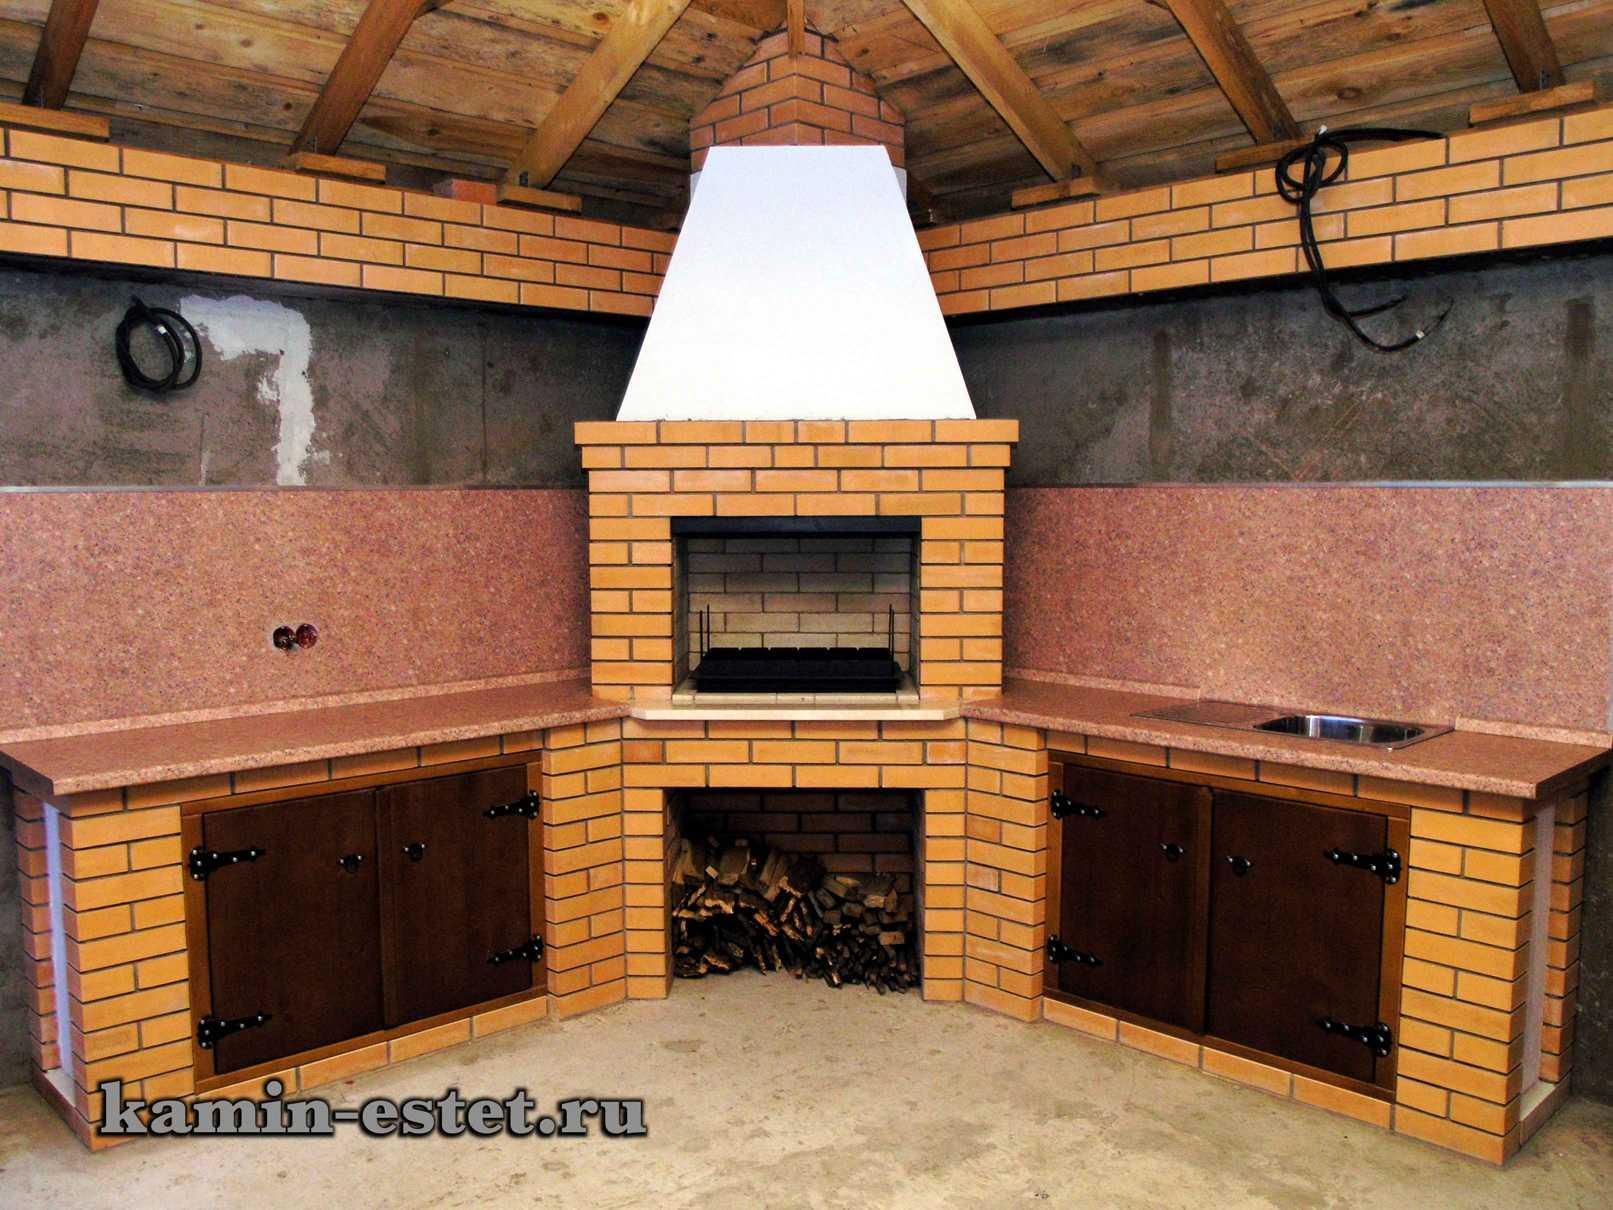 Проекты каминов совмещённых с барбекю летняя кухня с барбекю мангалом казаном своими руками порядовка